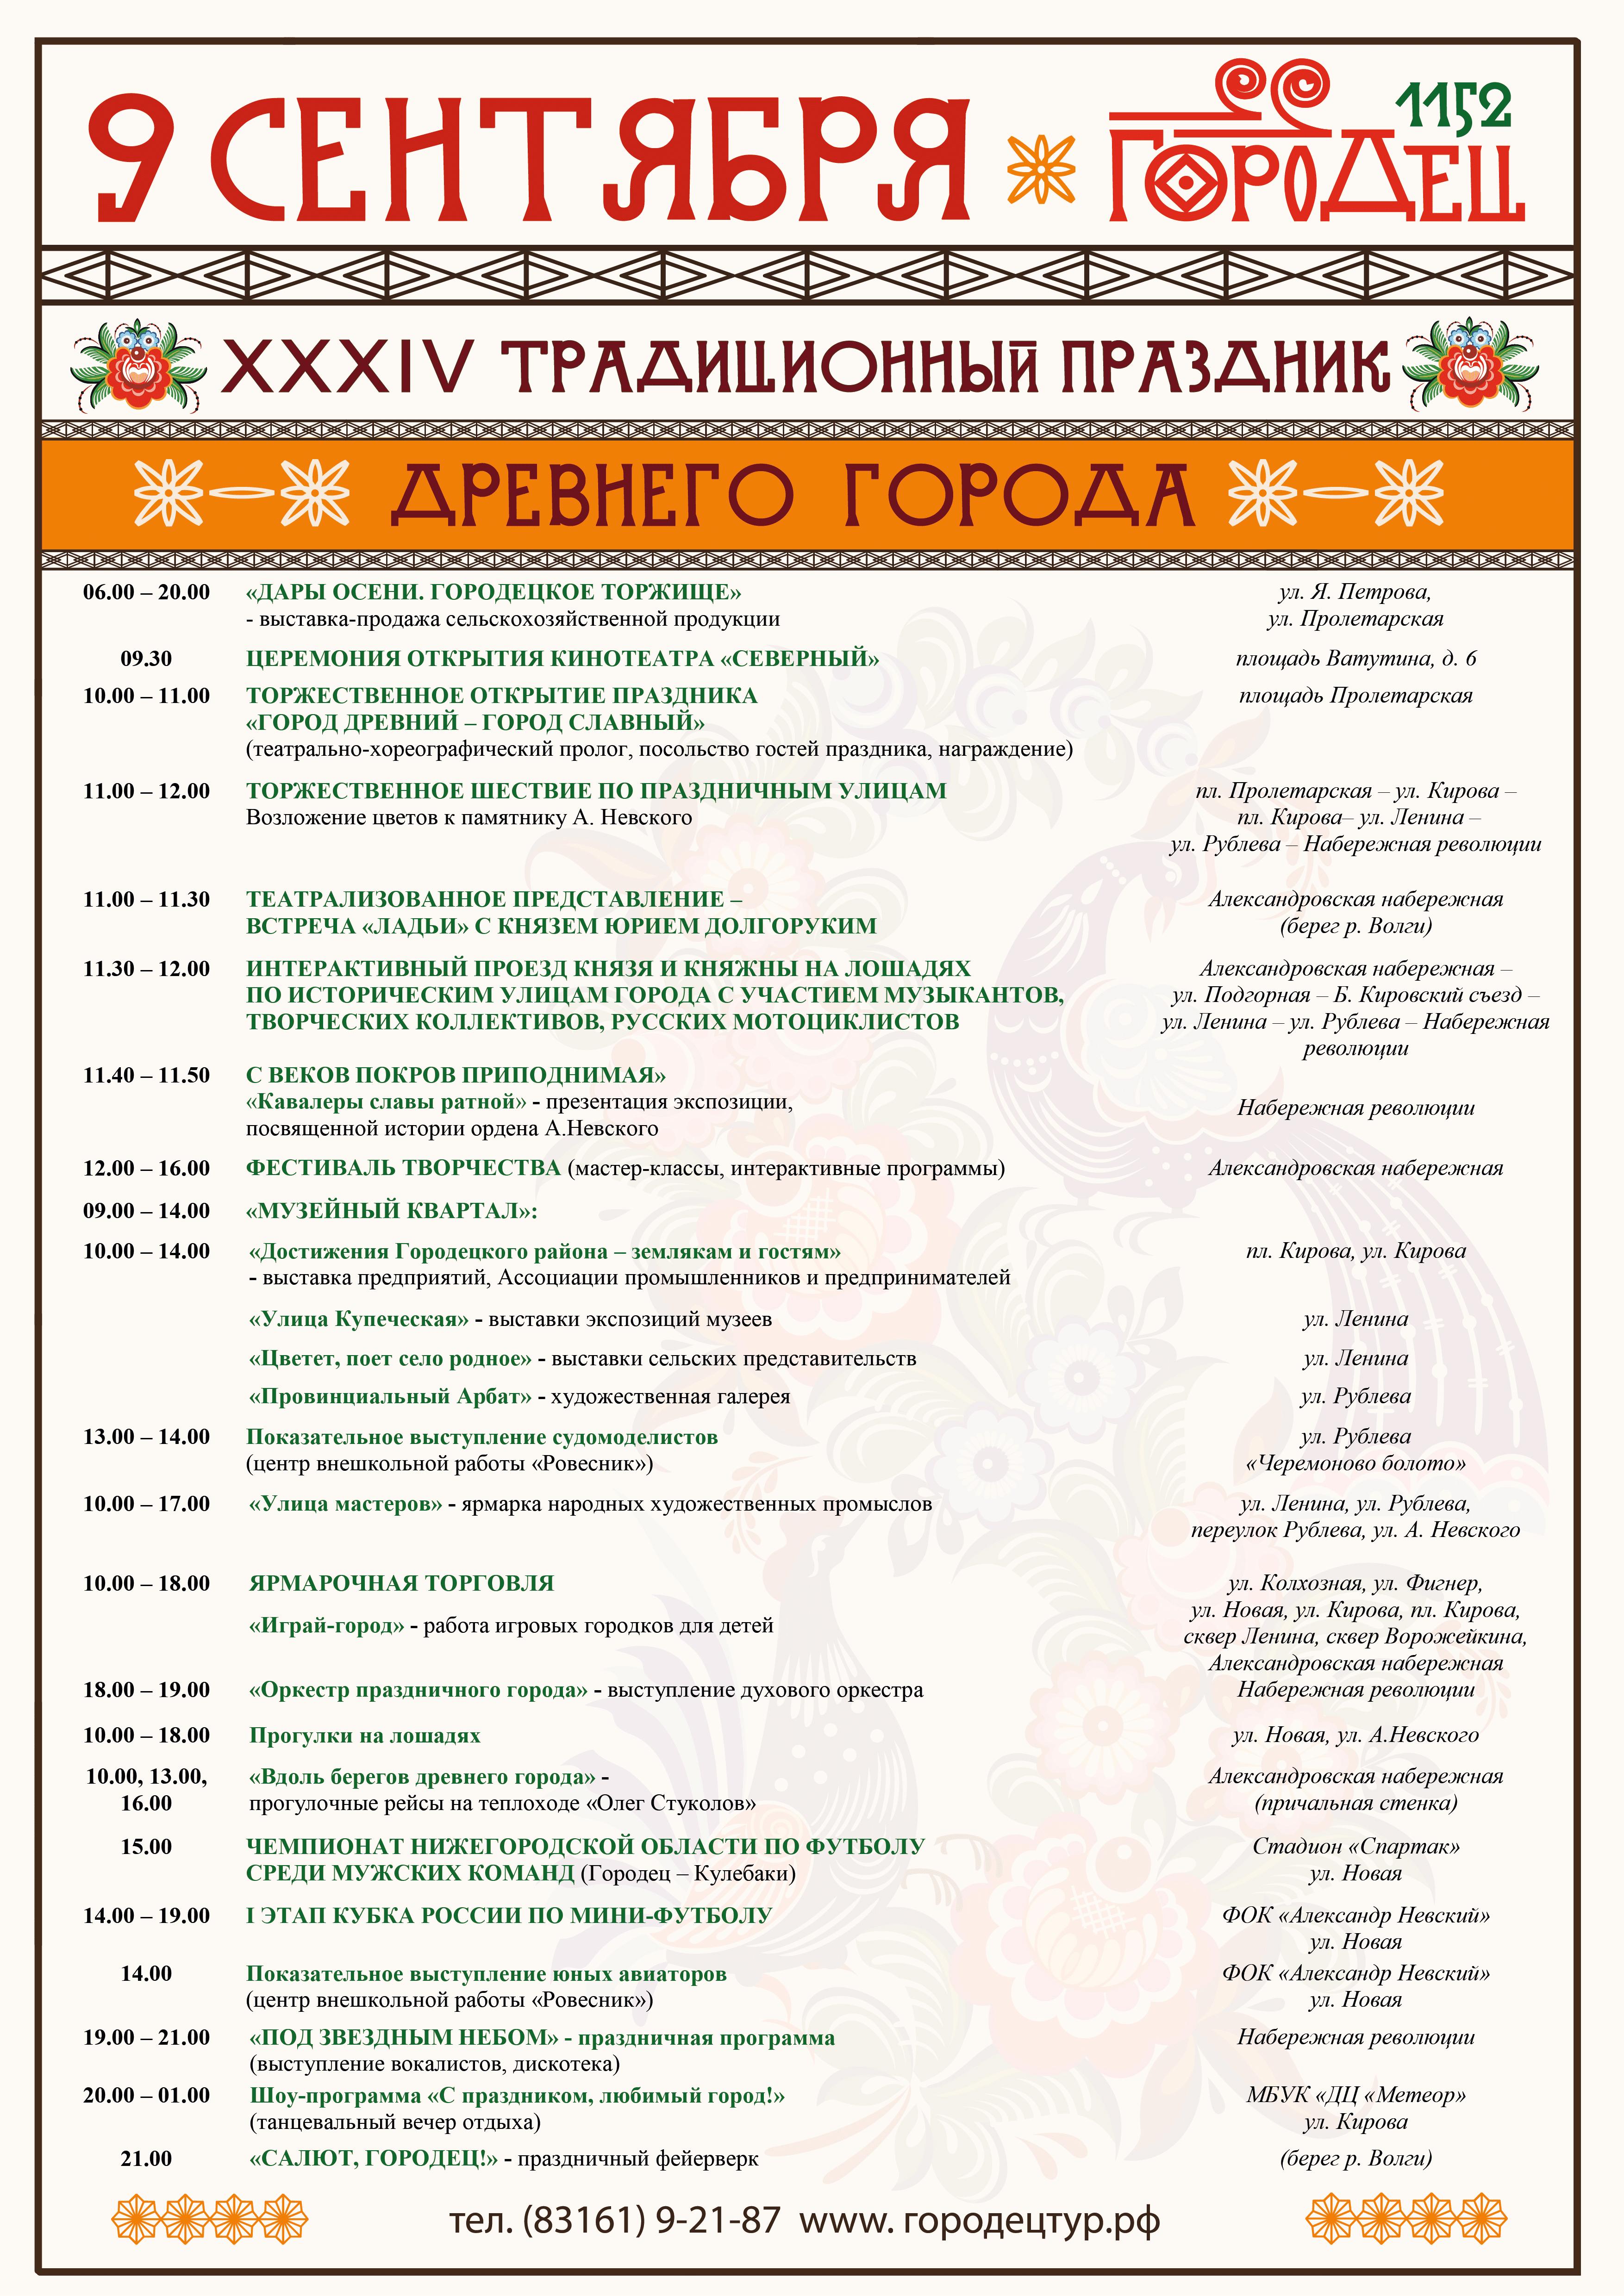 День города Городецк 9 сентября 2017 года - программа мероприятий, когда салют